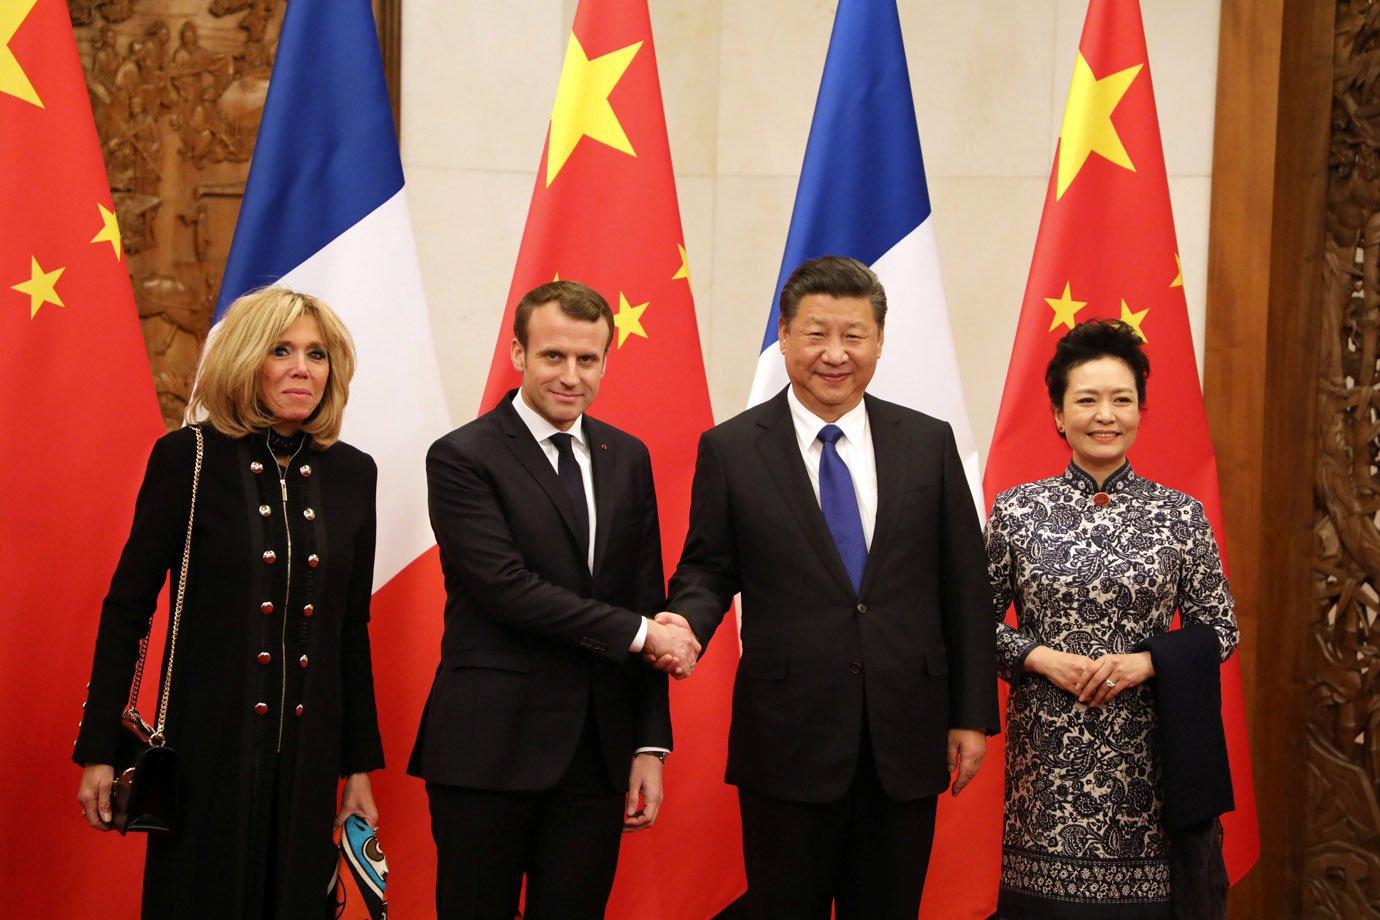 Em Visita A China Macron Pede Parceria Sobre Clima E Africa Exame